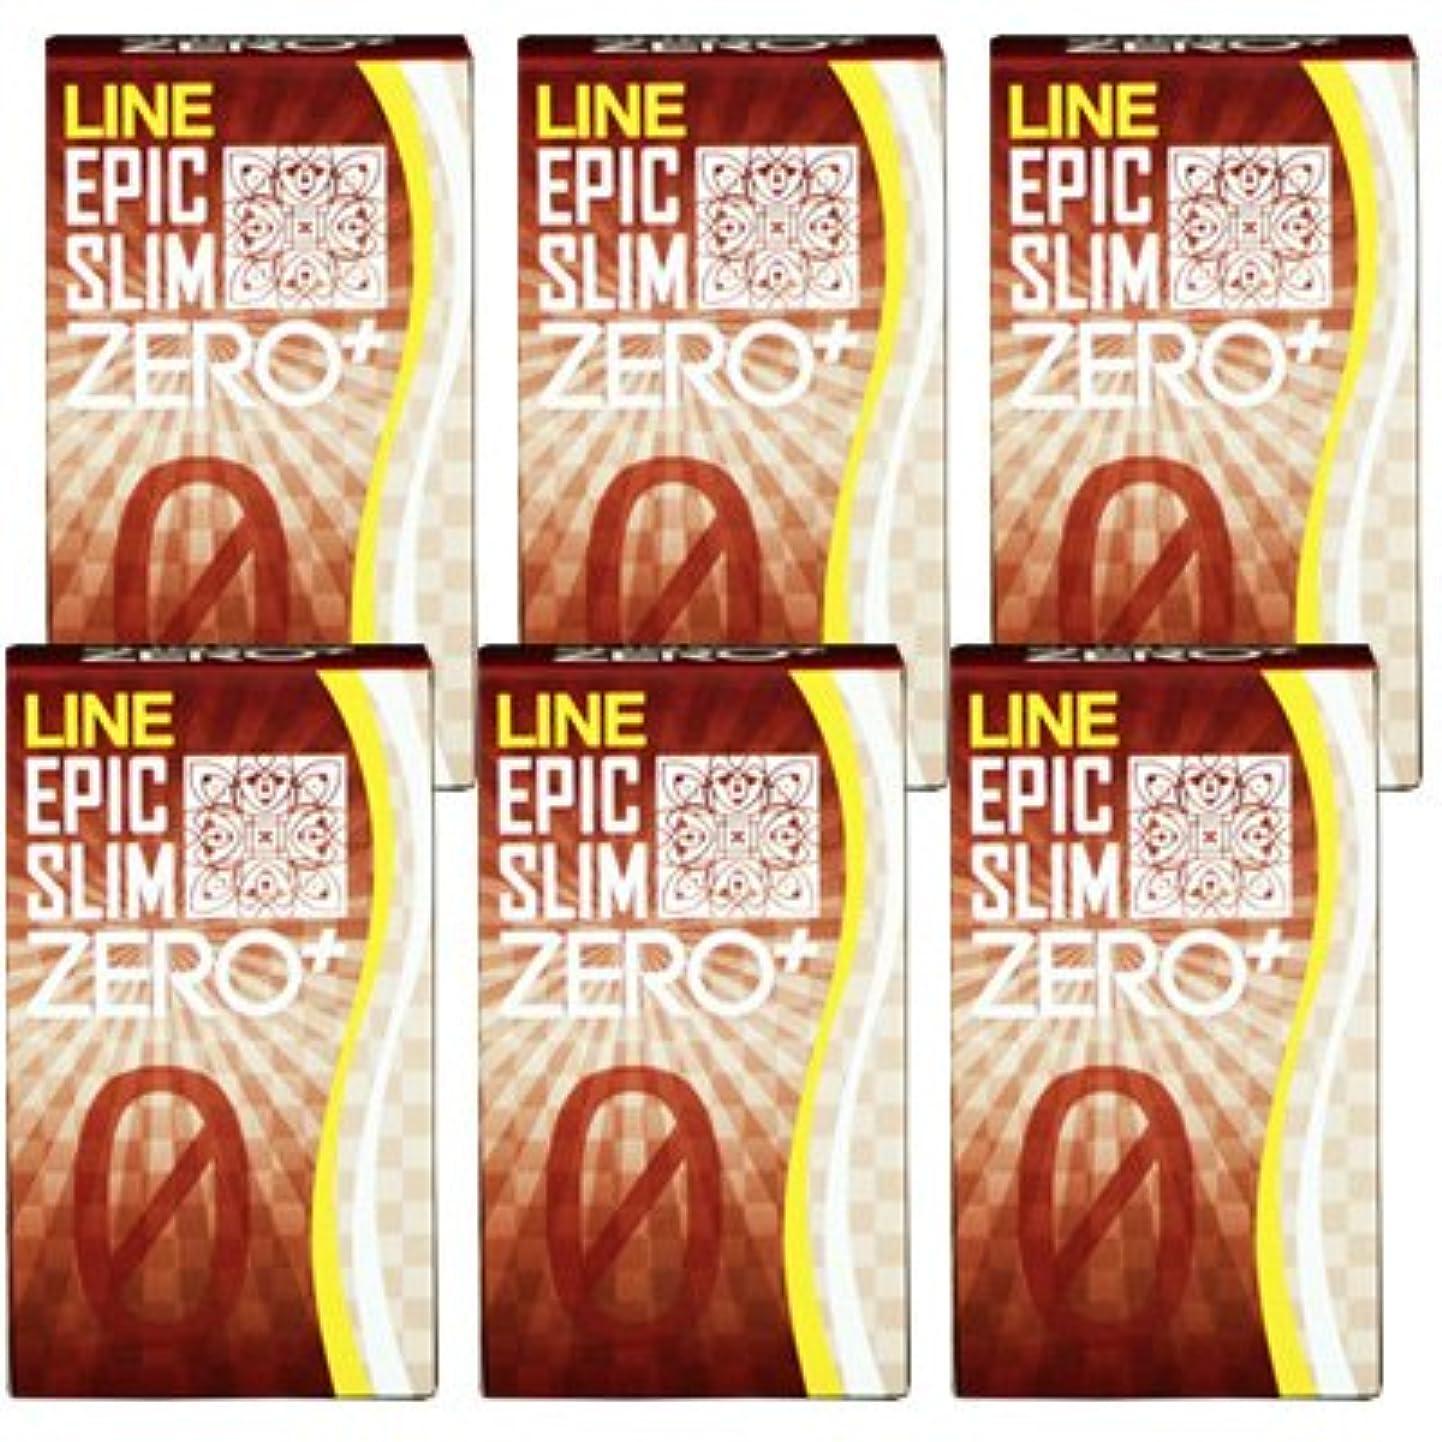 刺繍素敵なベアリングサークルLINE エピックスリム ゼロ PLUS 6個セット Line Epic Slim ZERO PLUS ×6個